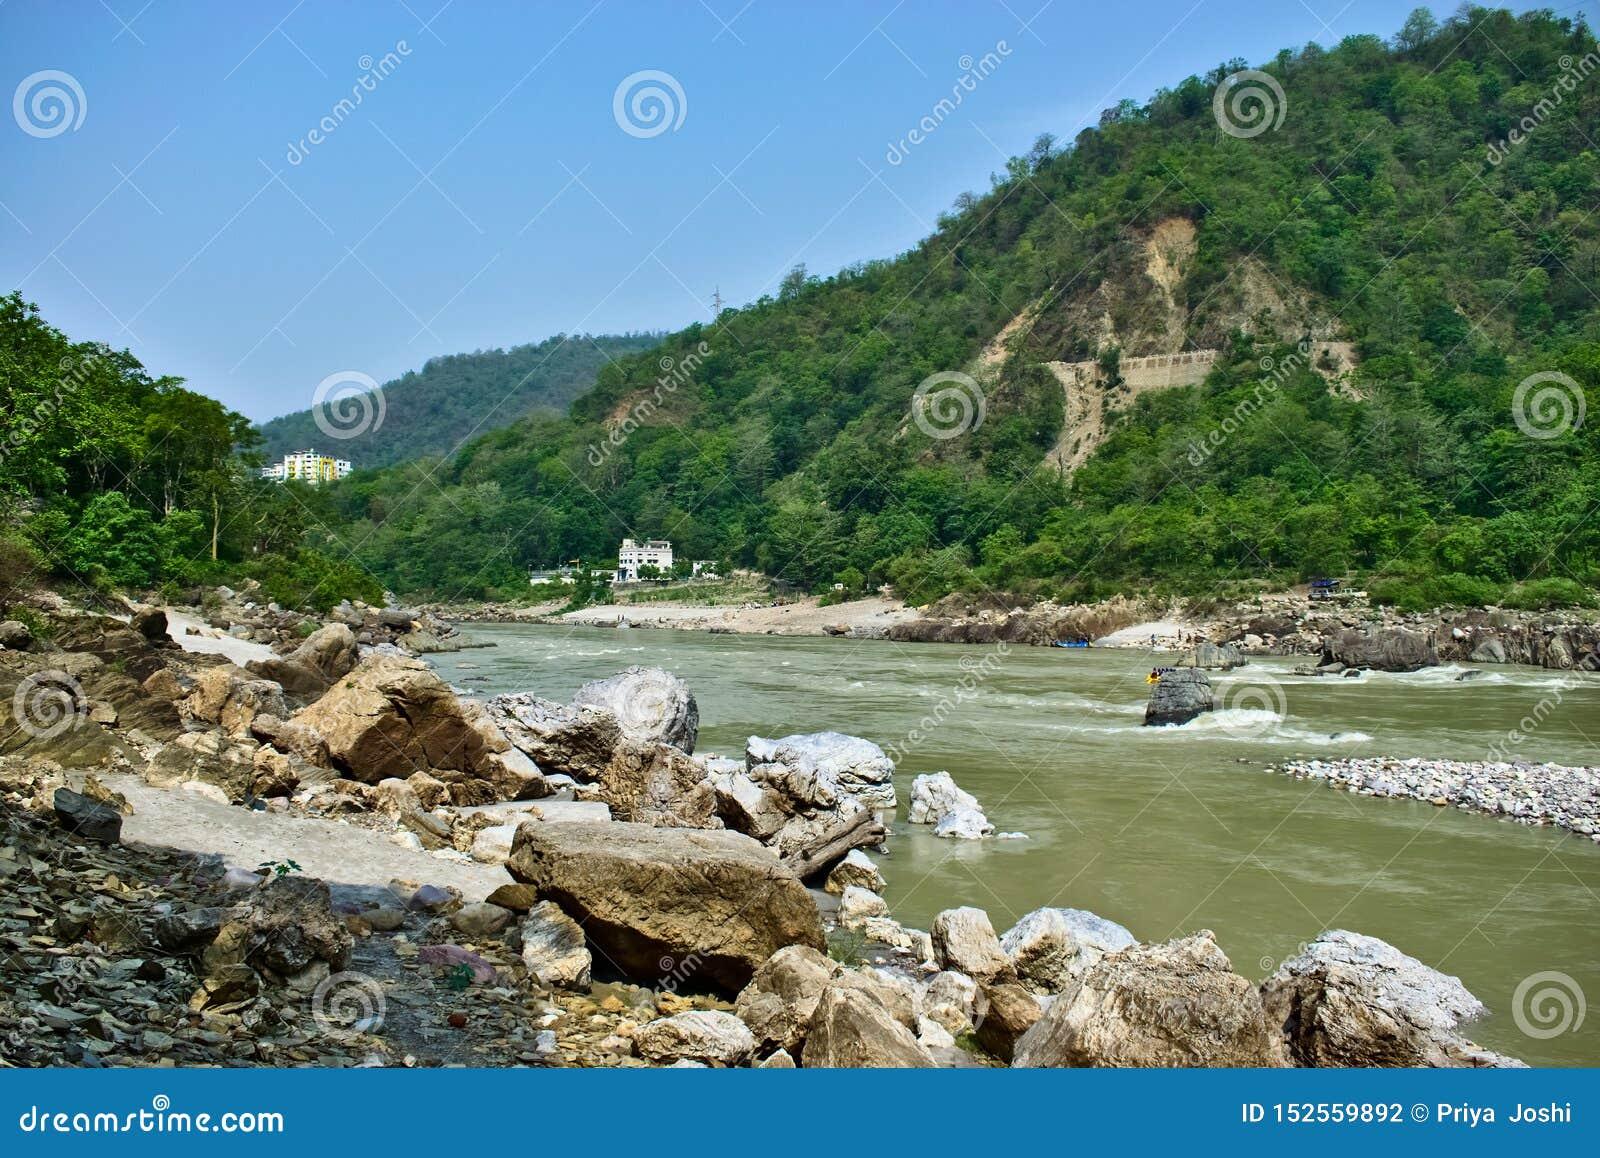 Piękna rzeka z górami w tle i kolorowymi domami w stronach rzeka Rishikesh piękny miasto w Indi